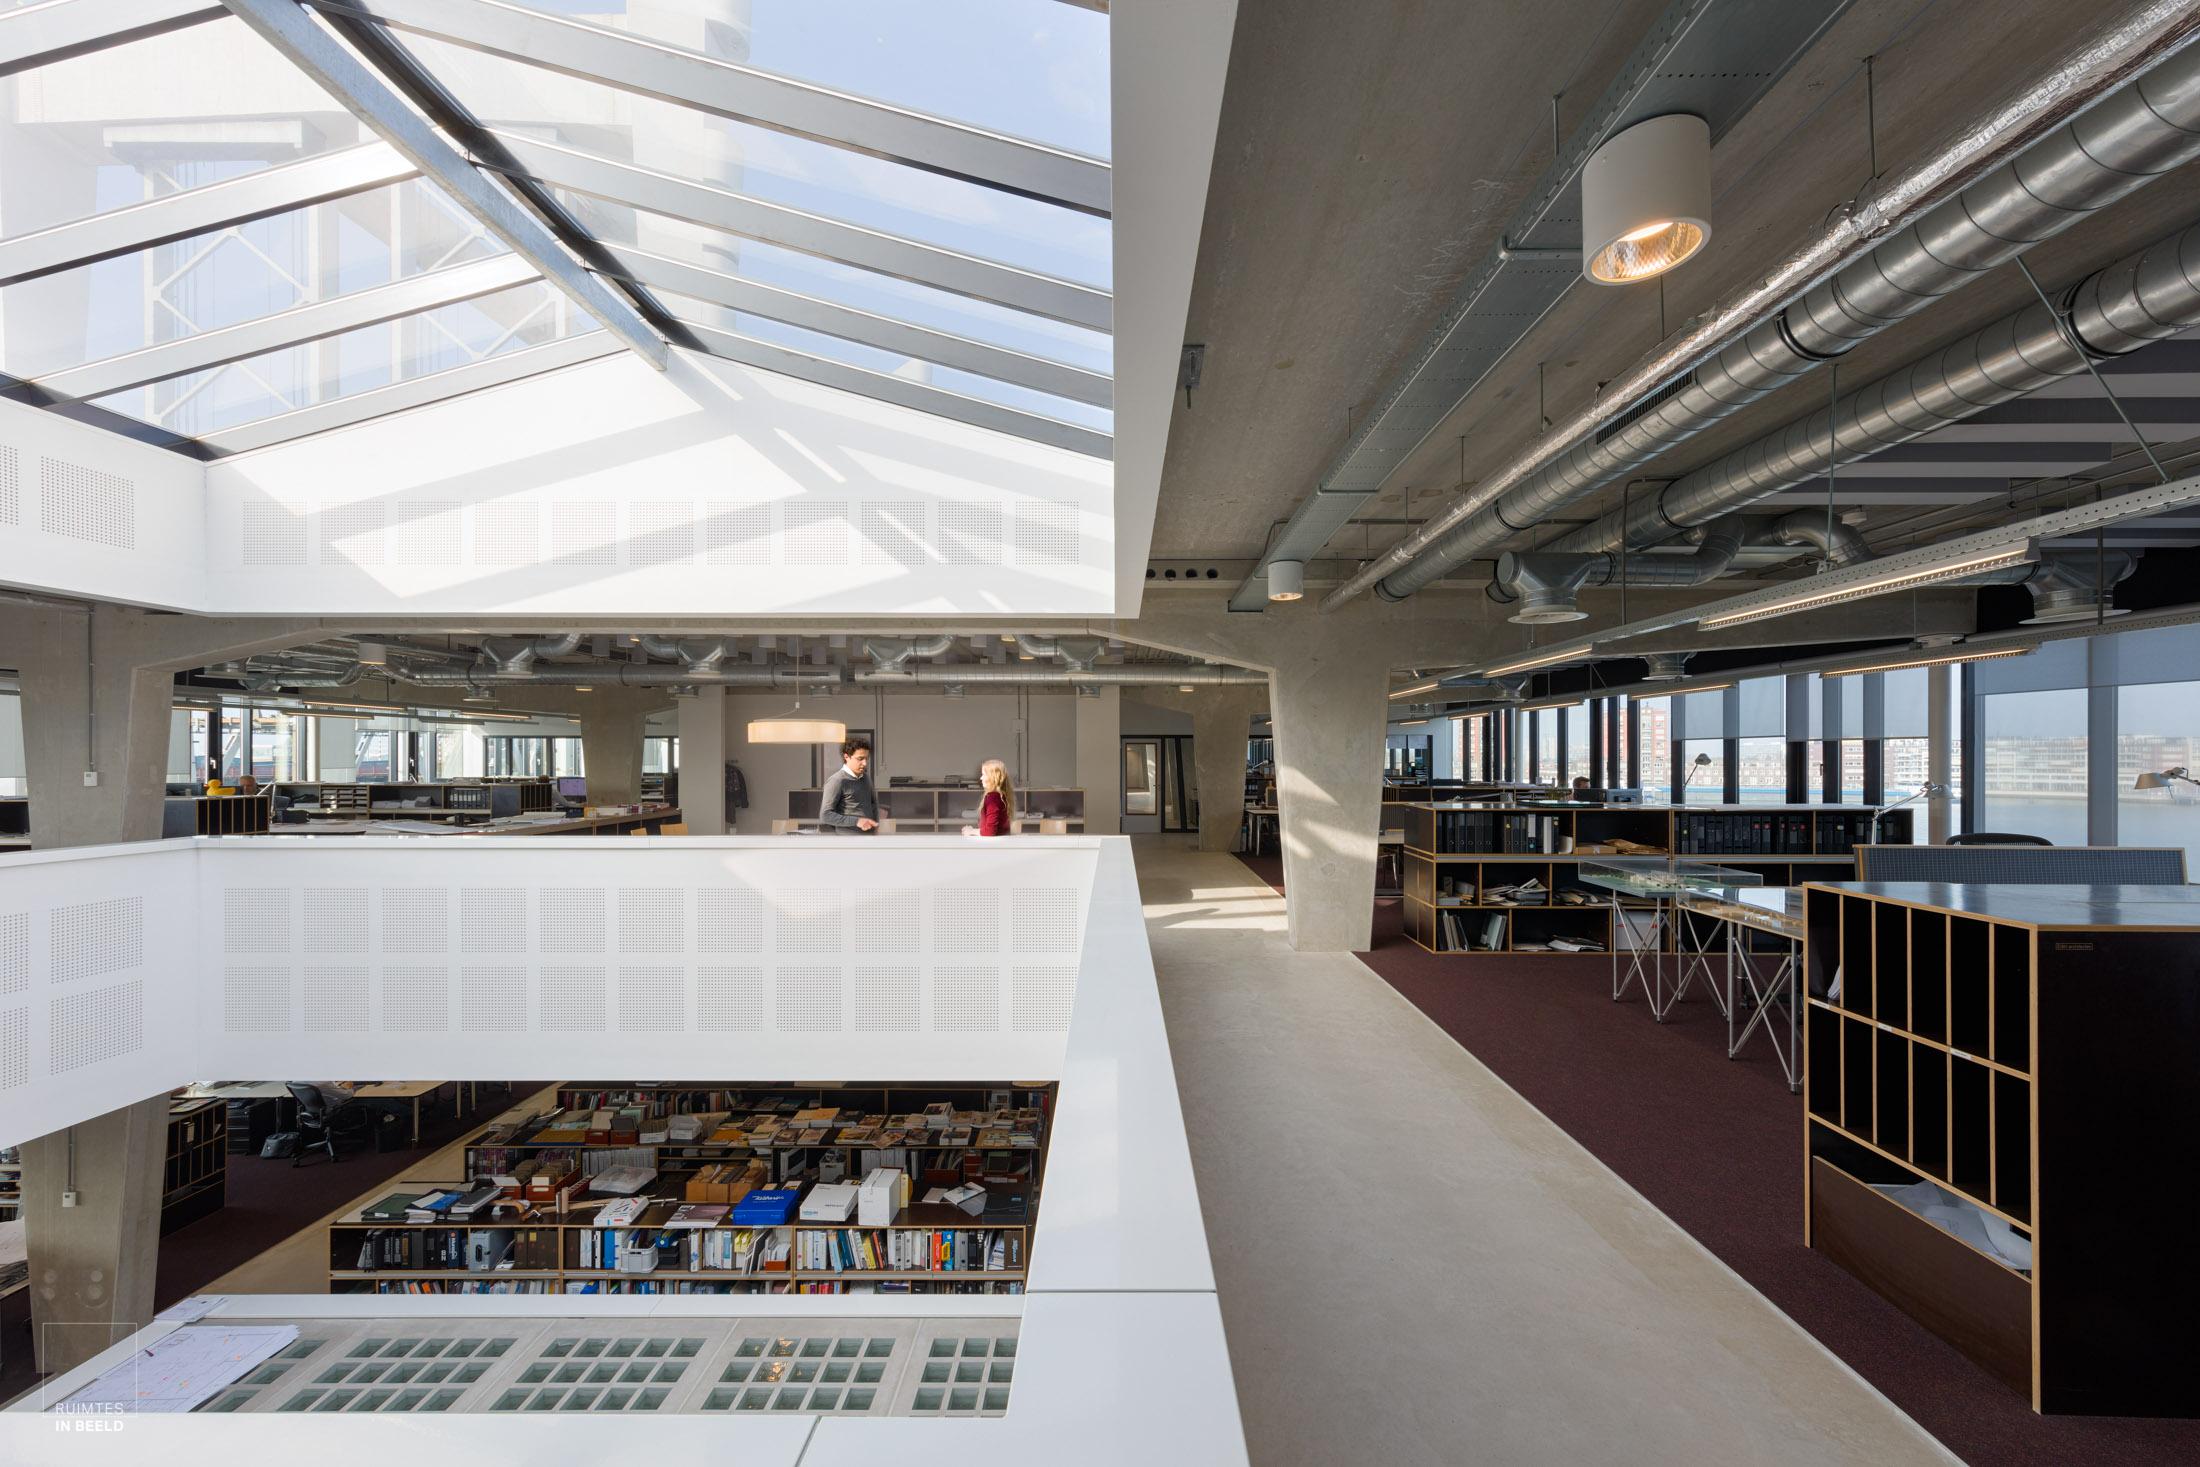 De architectuur van een kantoor fotograferen vergt vaak veel opruimen door de architectuurfotograaf, waarbij ook in het post-productieproces behoorlijk wat rommeligheden worden verwijderd.